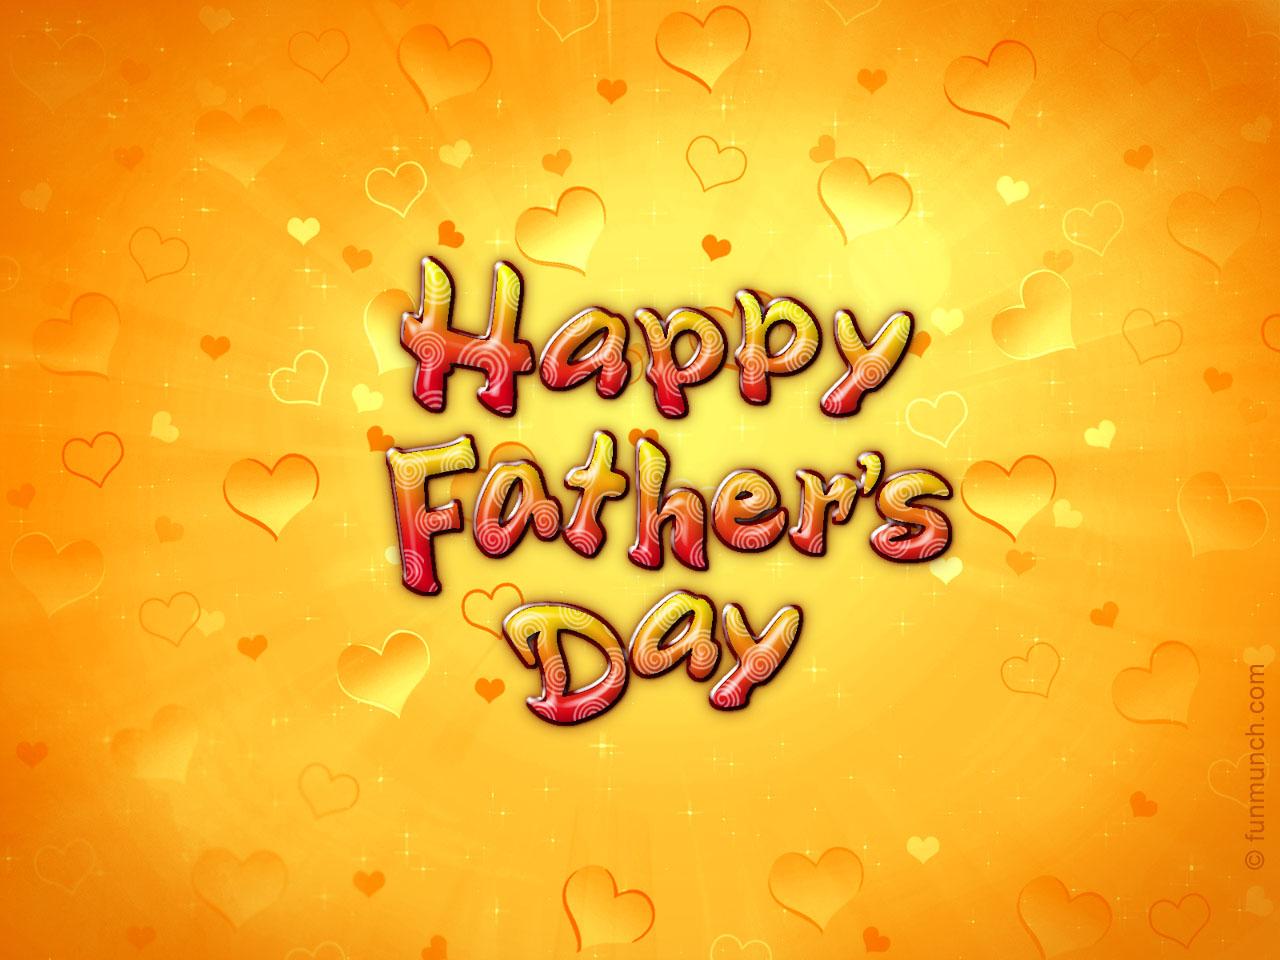 http://4.bp.blogspot.com/_G5tmfNbOUBs/TBzJqgbv5BI/AAAAAAAABGc/4GT82wbVrcc/s1600/fathers_day_wallpaper_13_1280x960.jpg